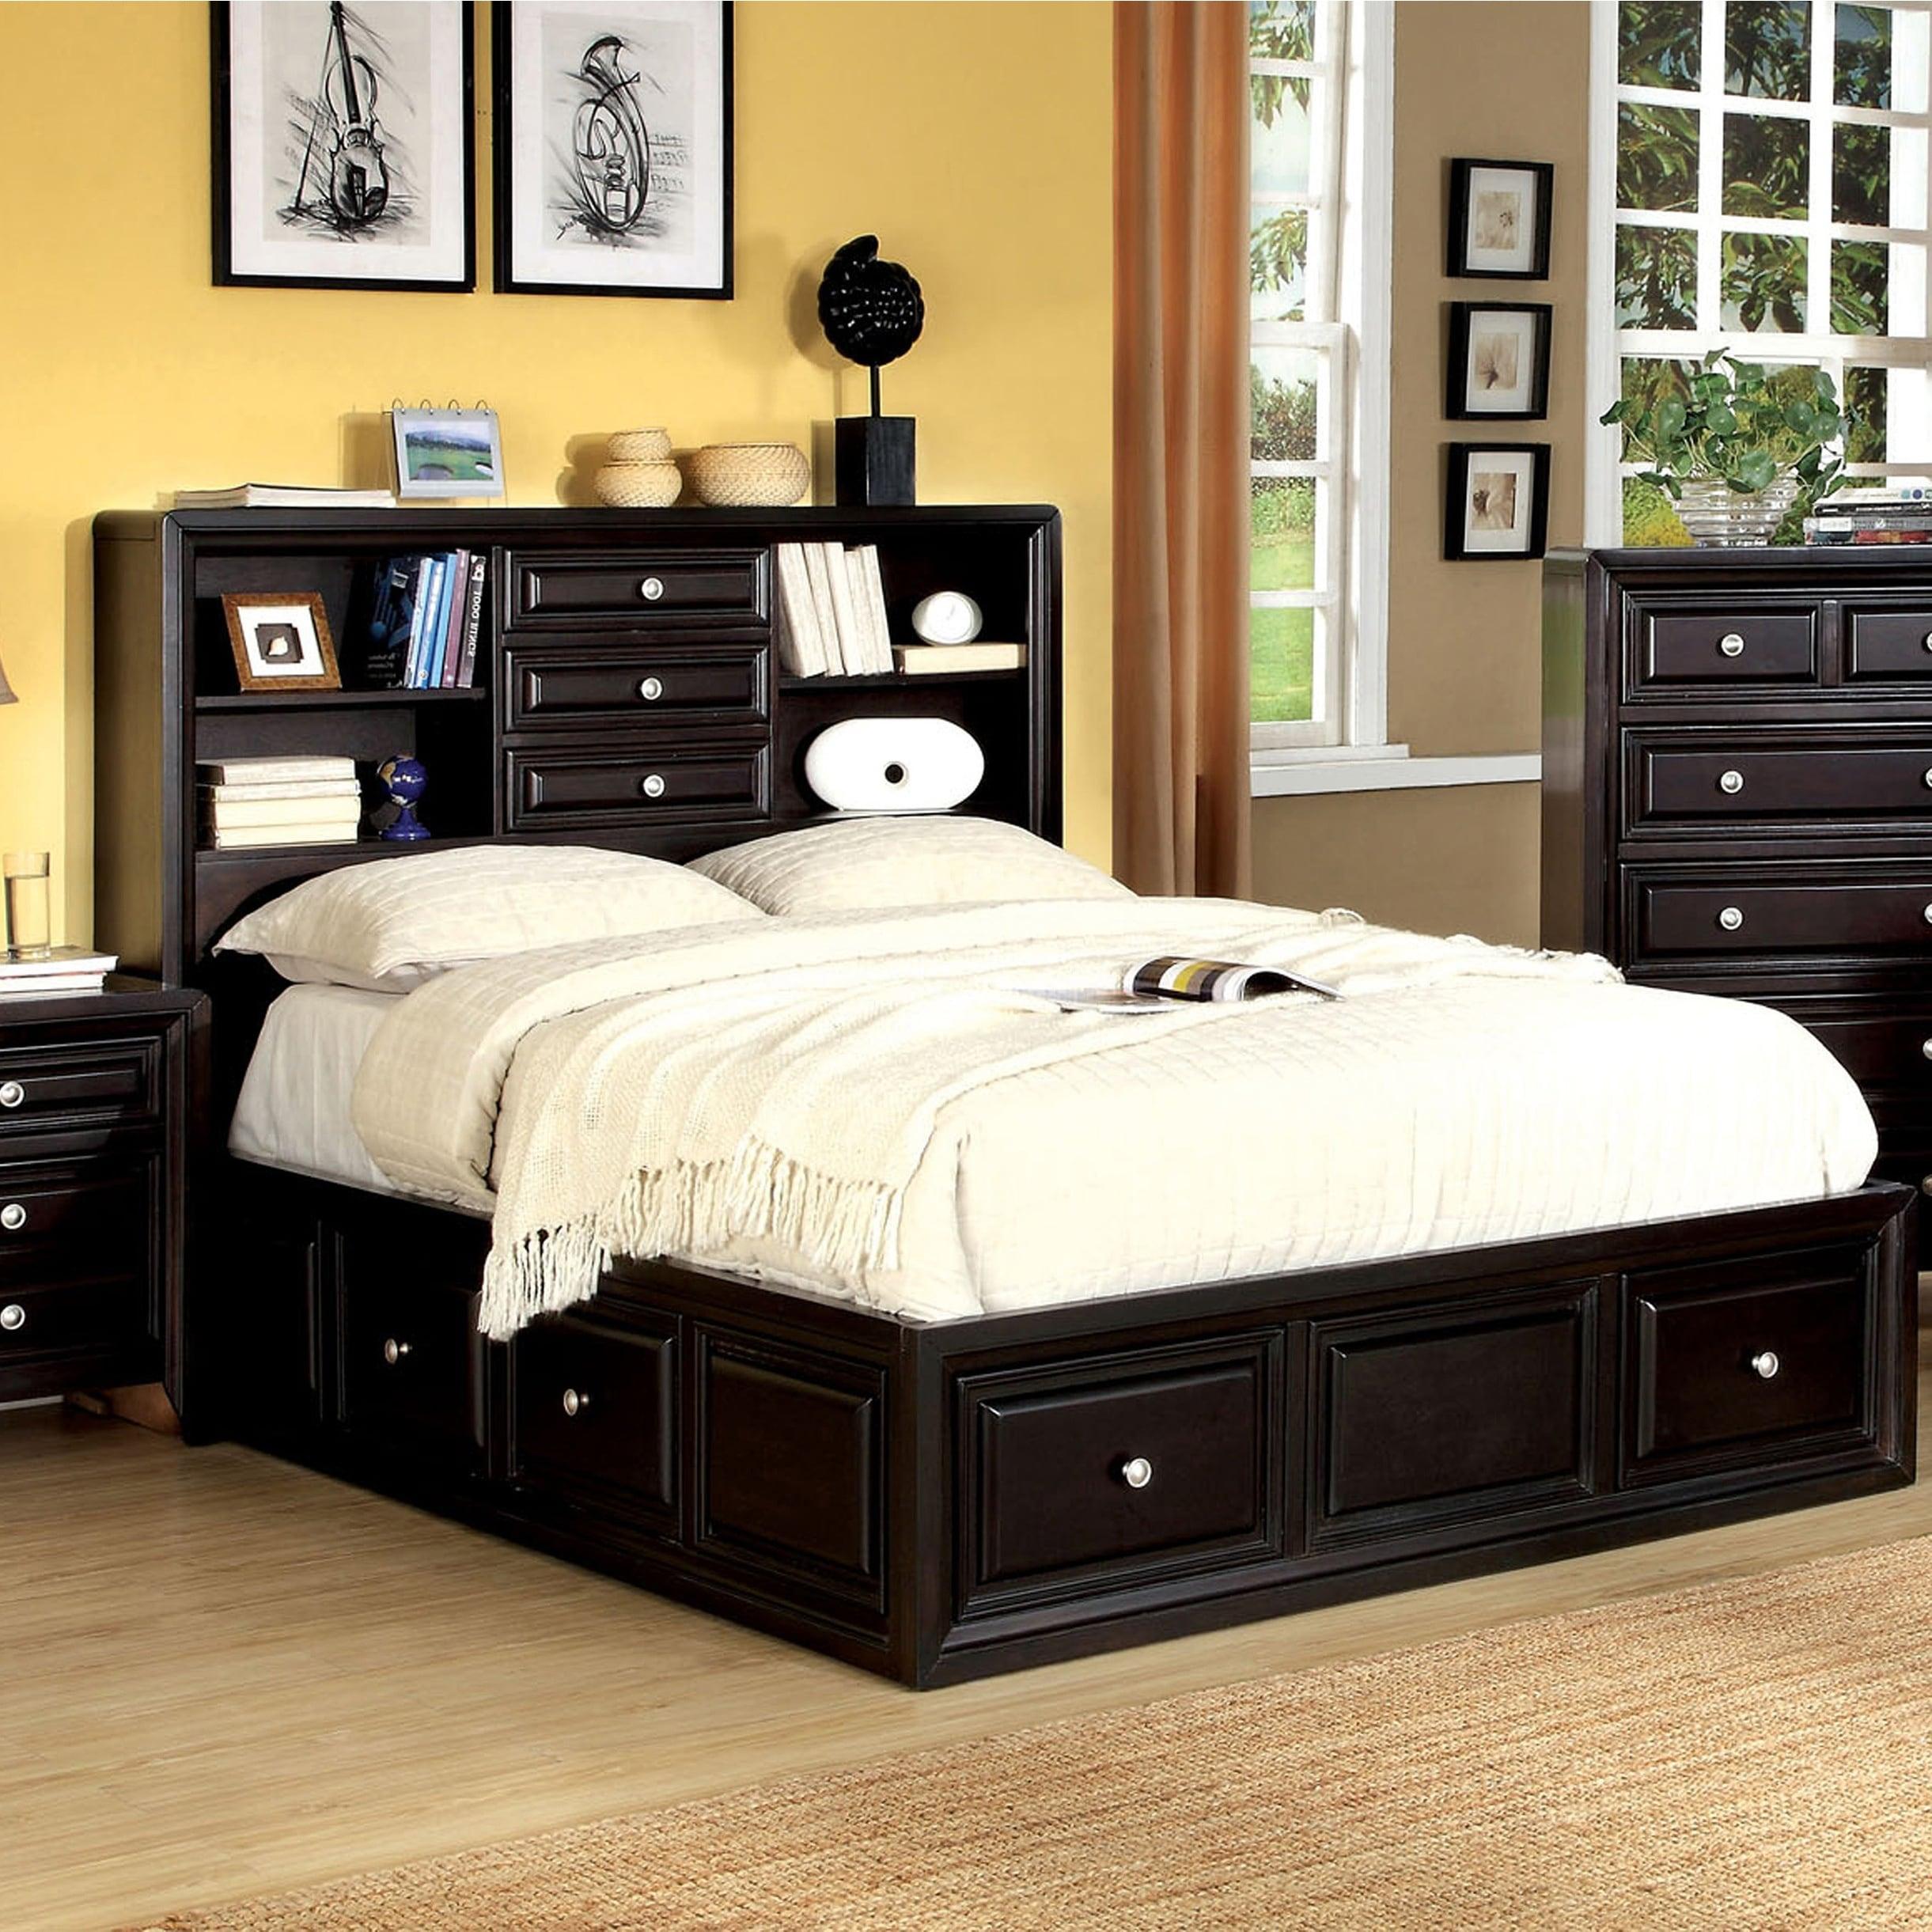 Shop Furniture Of America Kigh Contemporary Espresso Bookcase